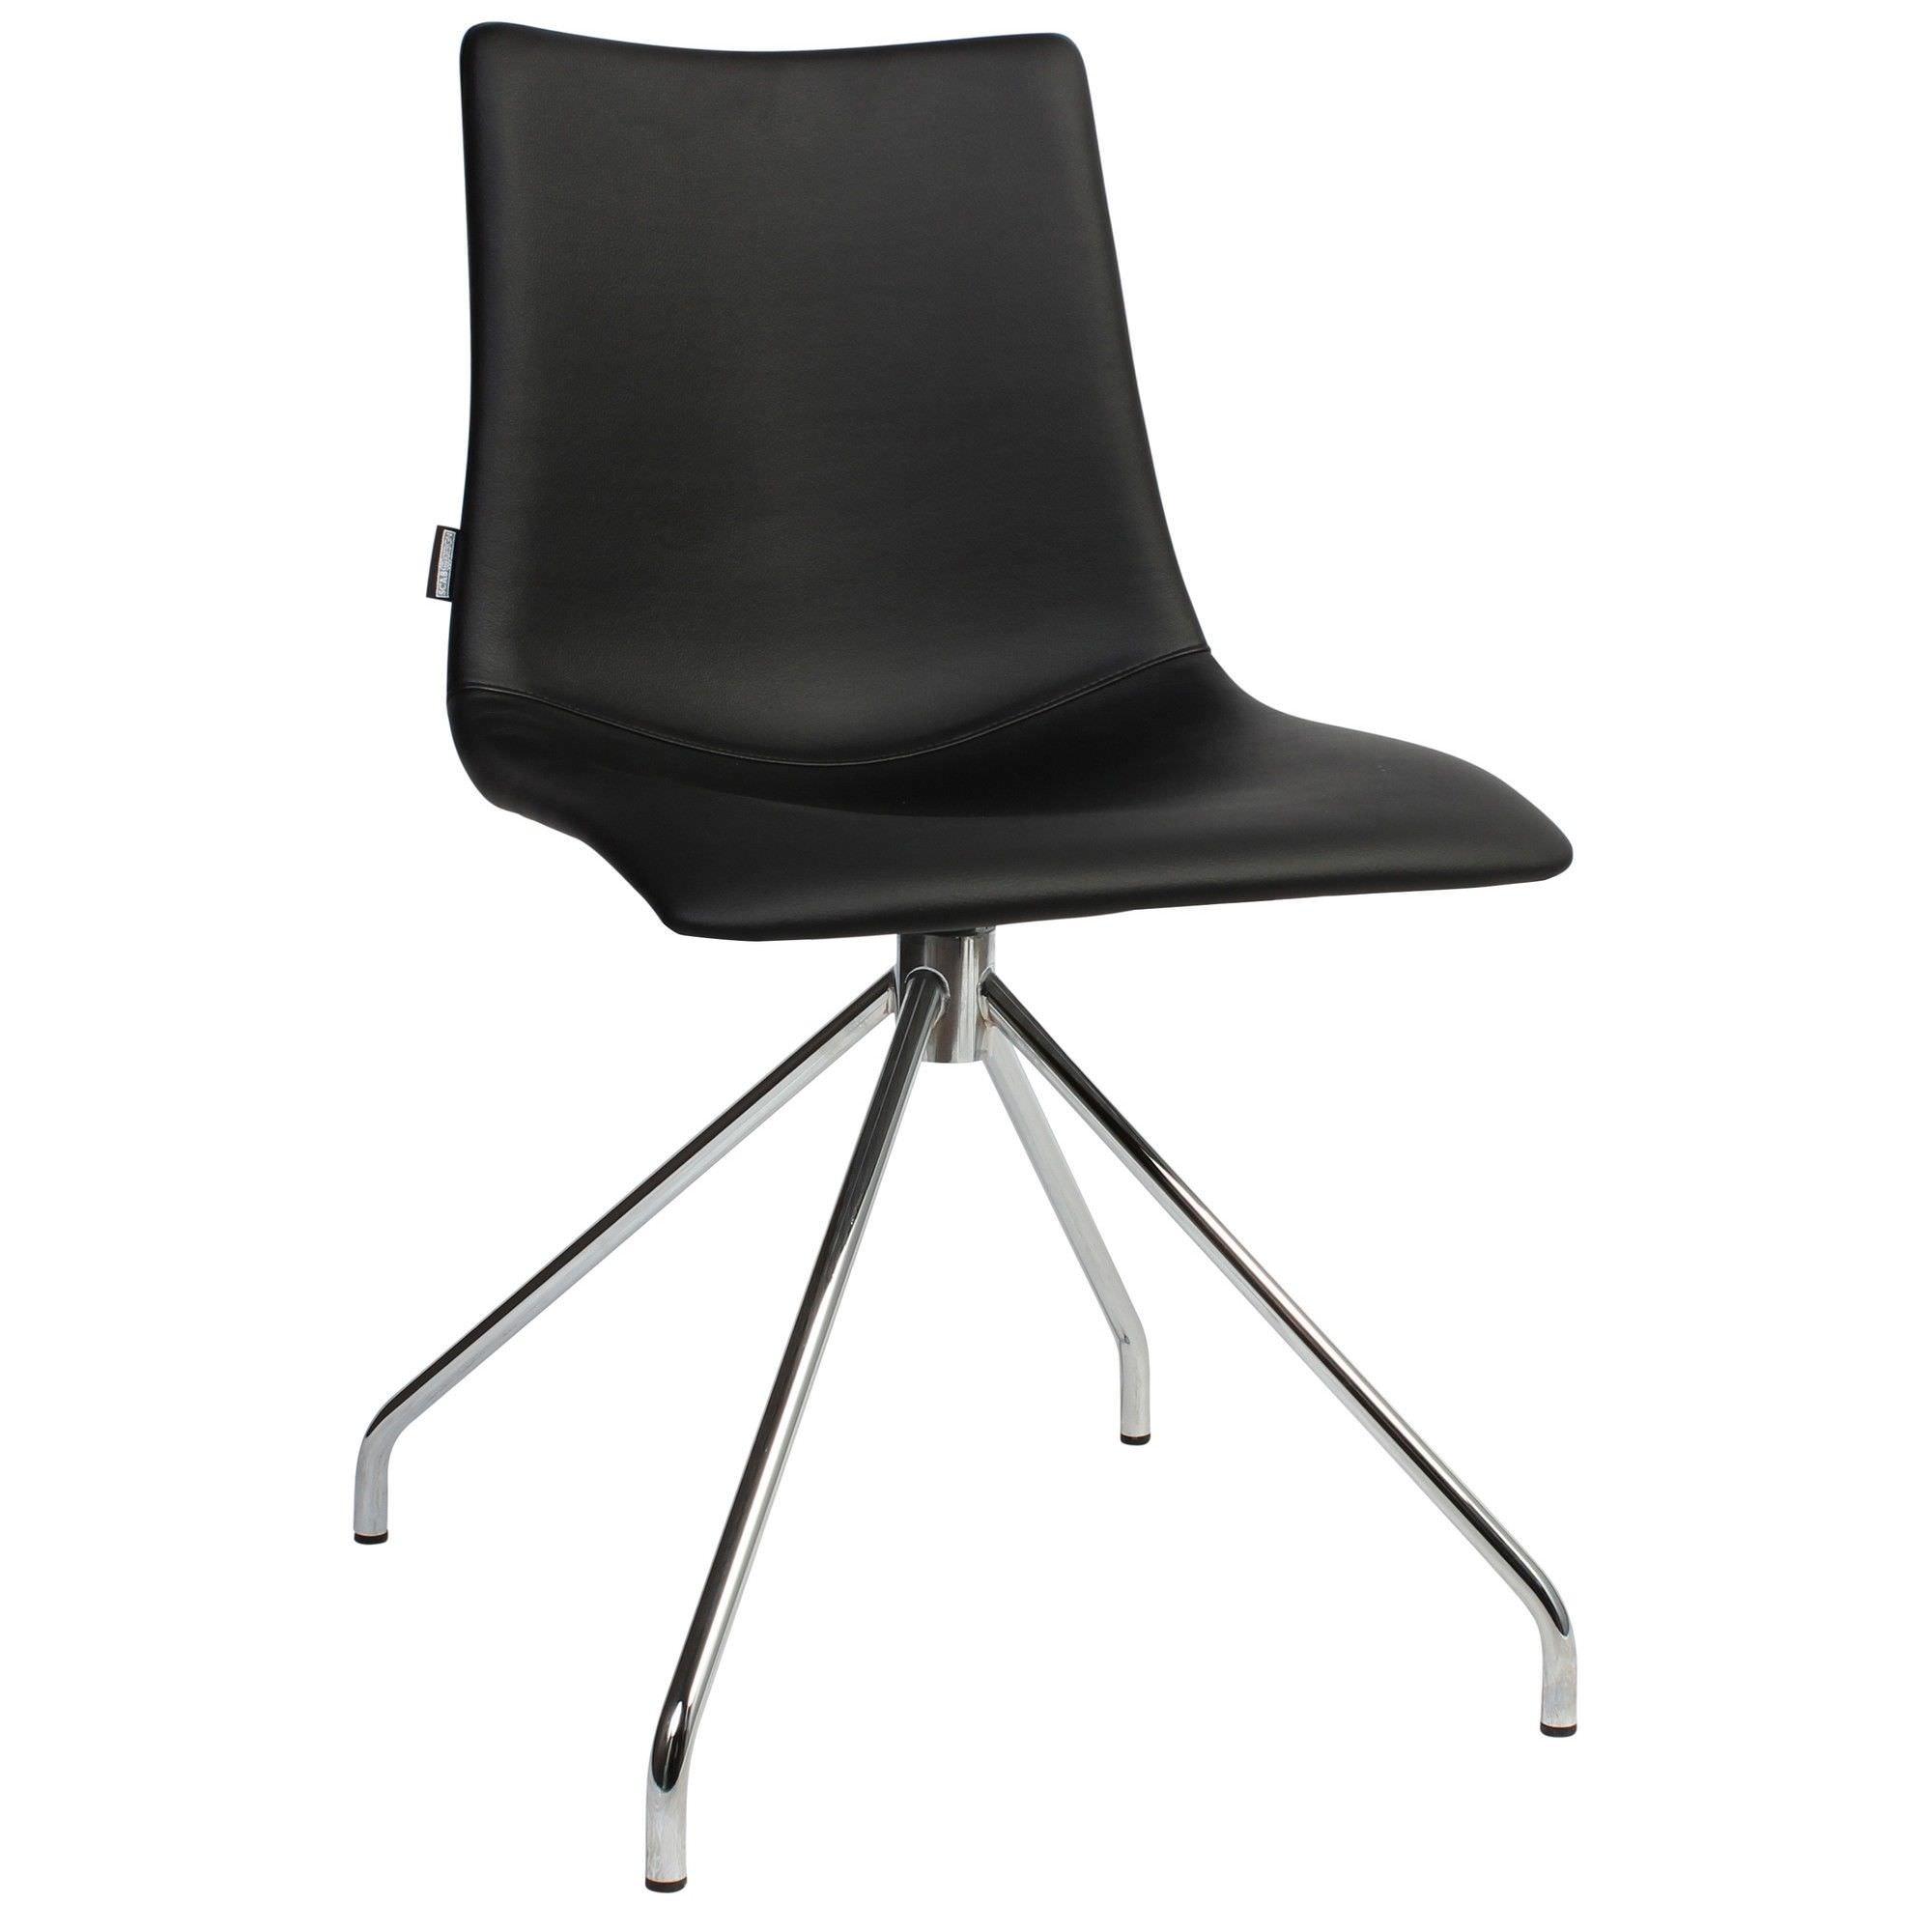 Zebra Pop Italian Made Commercial Grade Vinyl Dining Chair, Trestle Leg, Black / Chrome